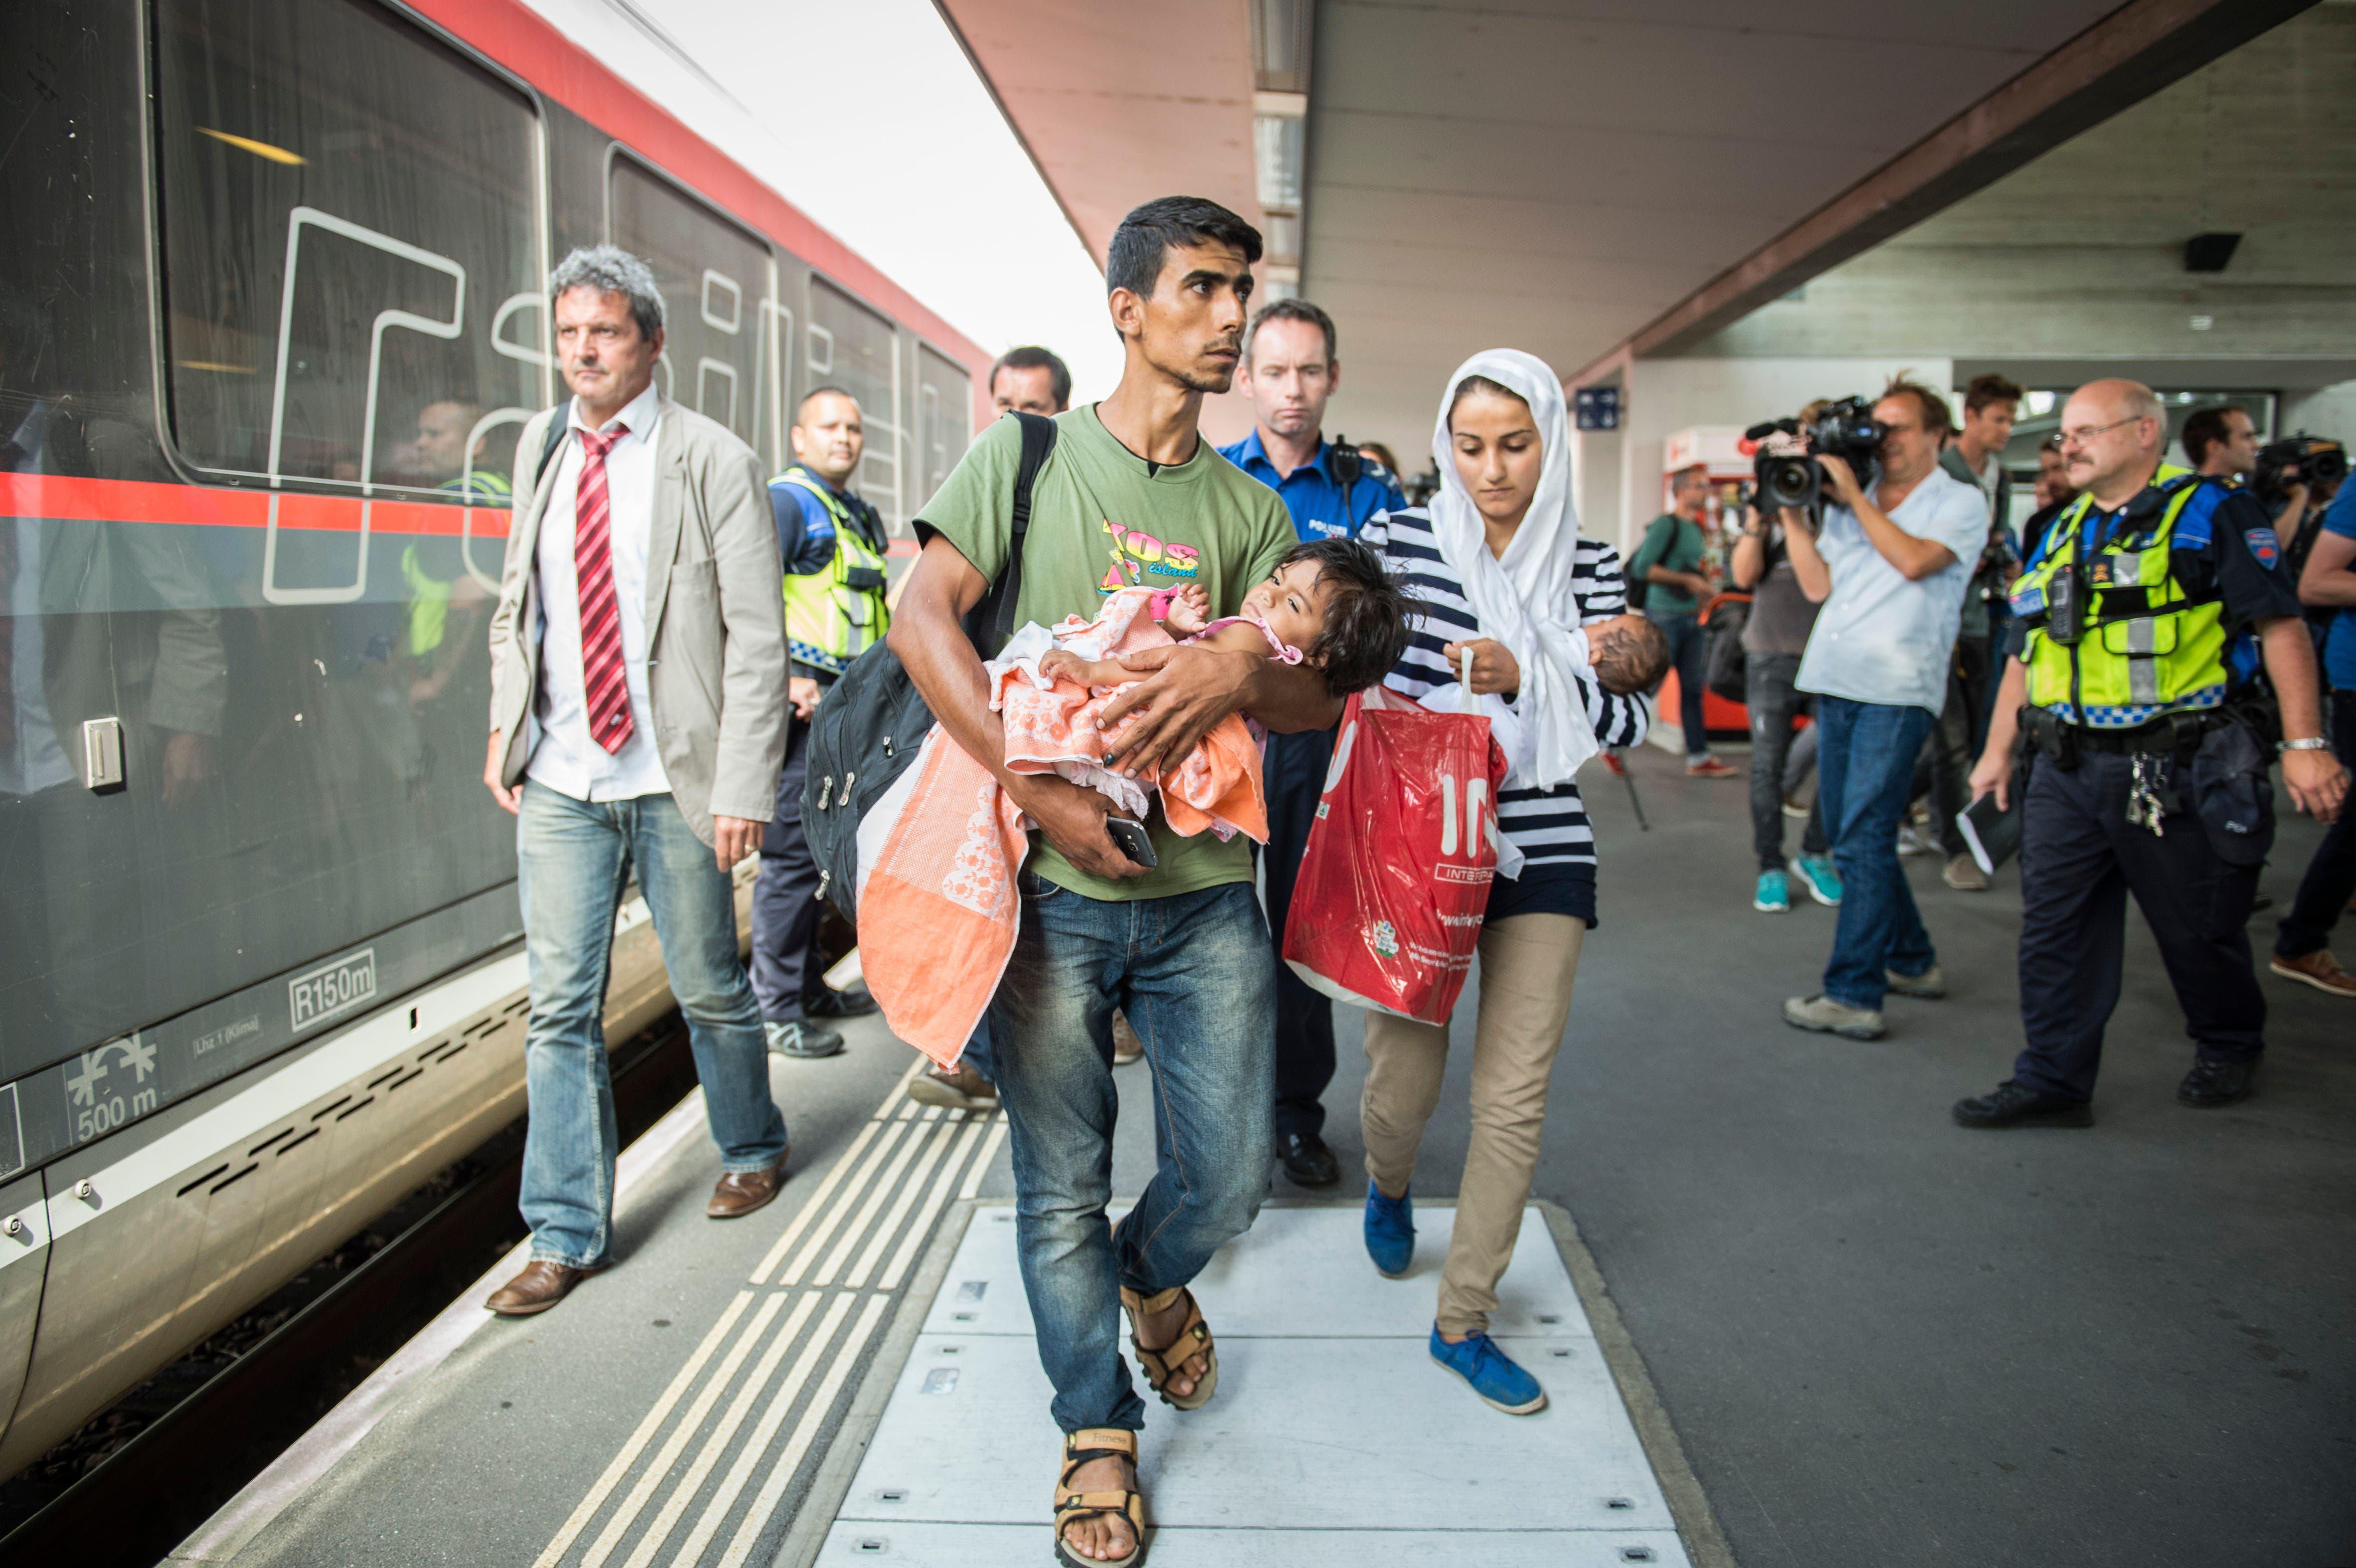 Ein Bild vom September 2015, das in Erinnerung bleibt: ankommende Flüchtlinge im Bahnhof Buchs.